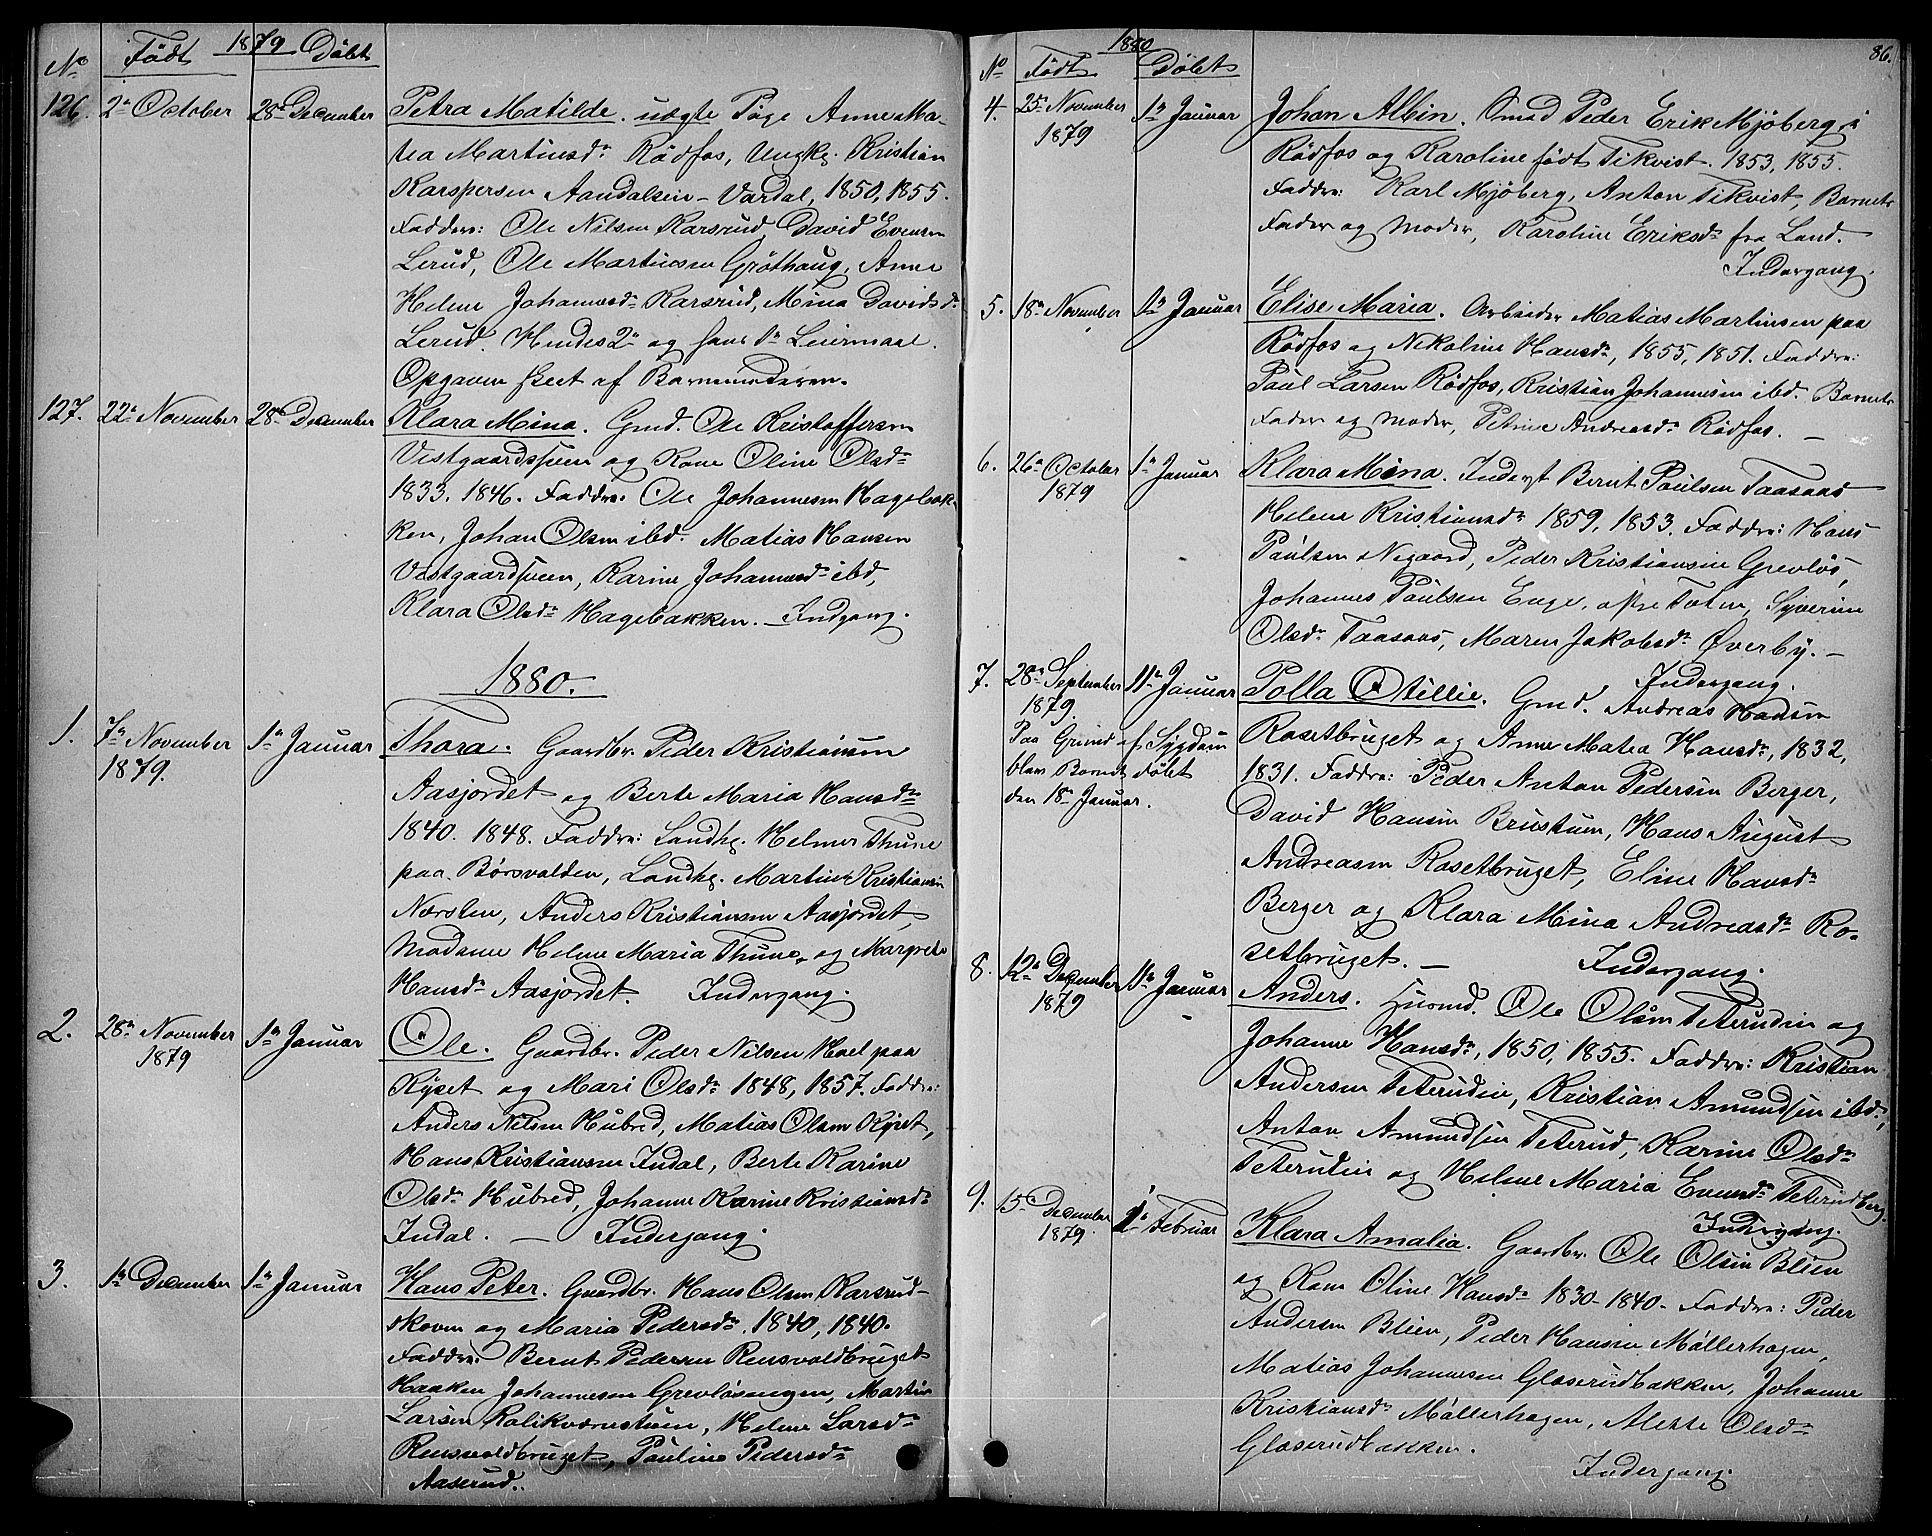 SAH, Vestre Toten prestekontor, Klokkerbok nr. 6, 1870-1887, s. 86